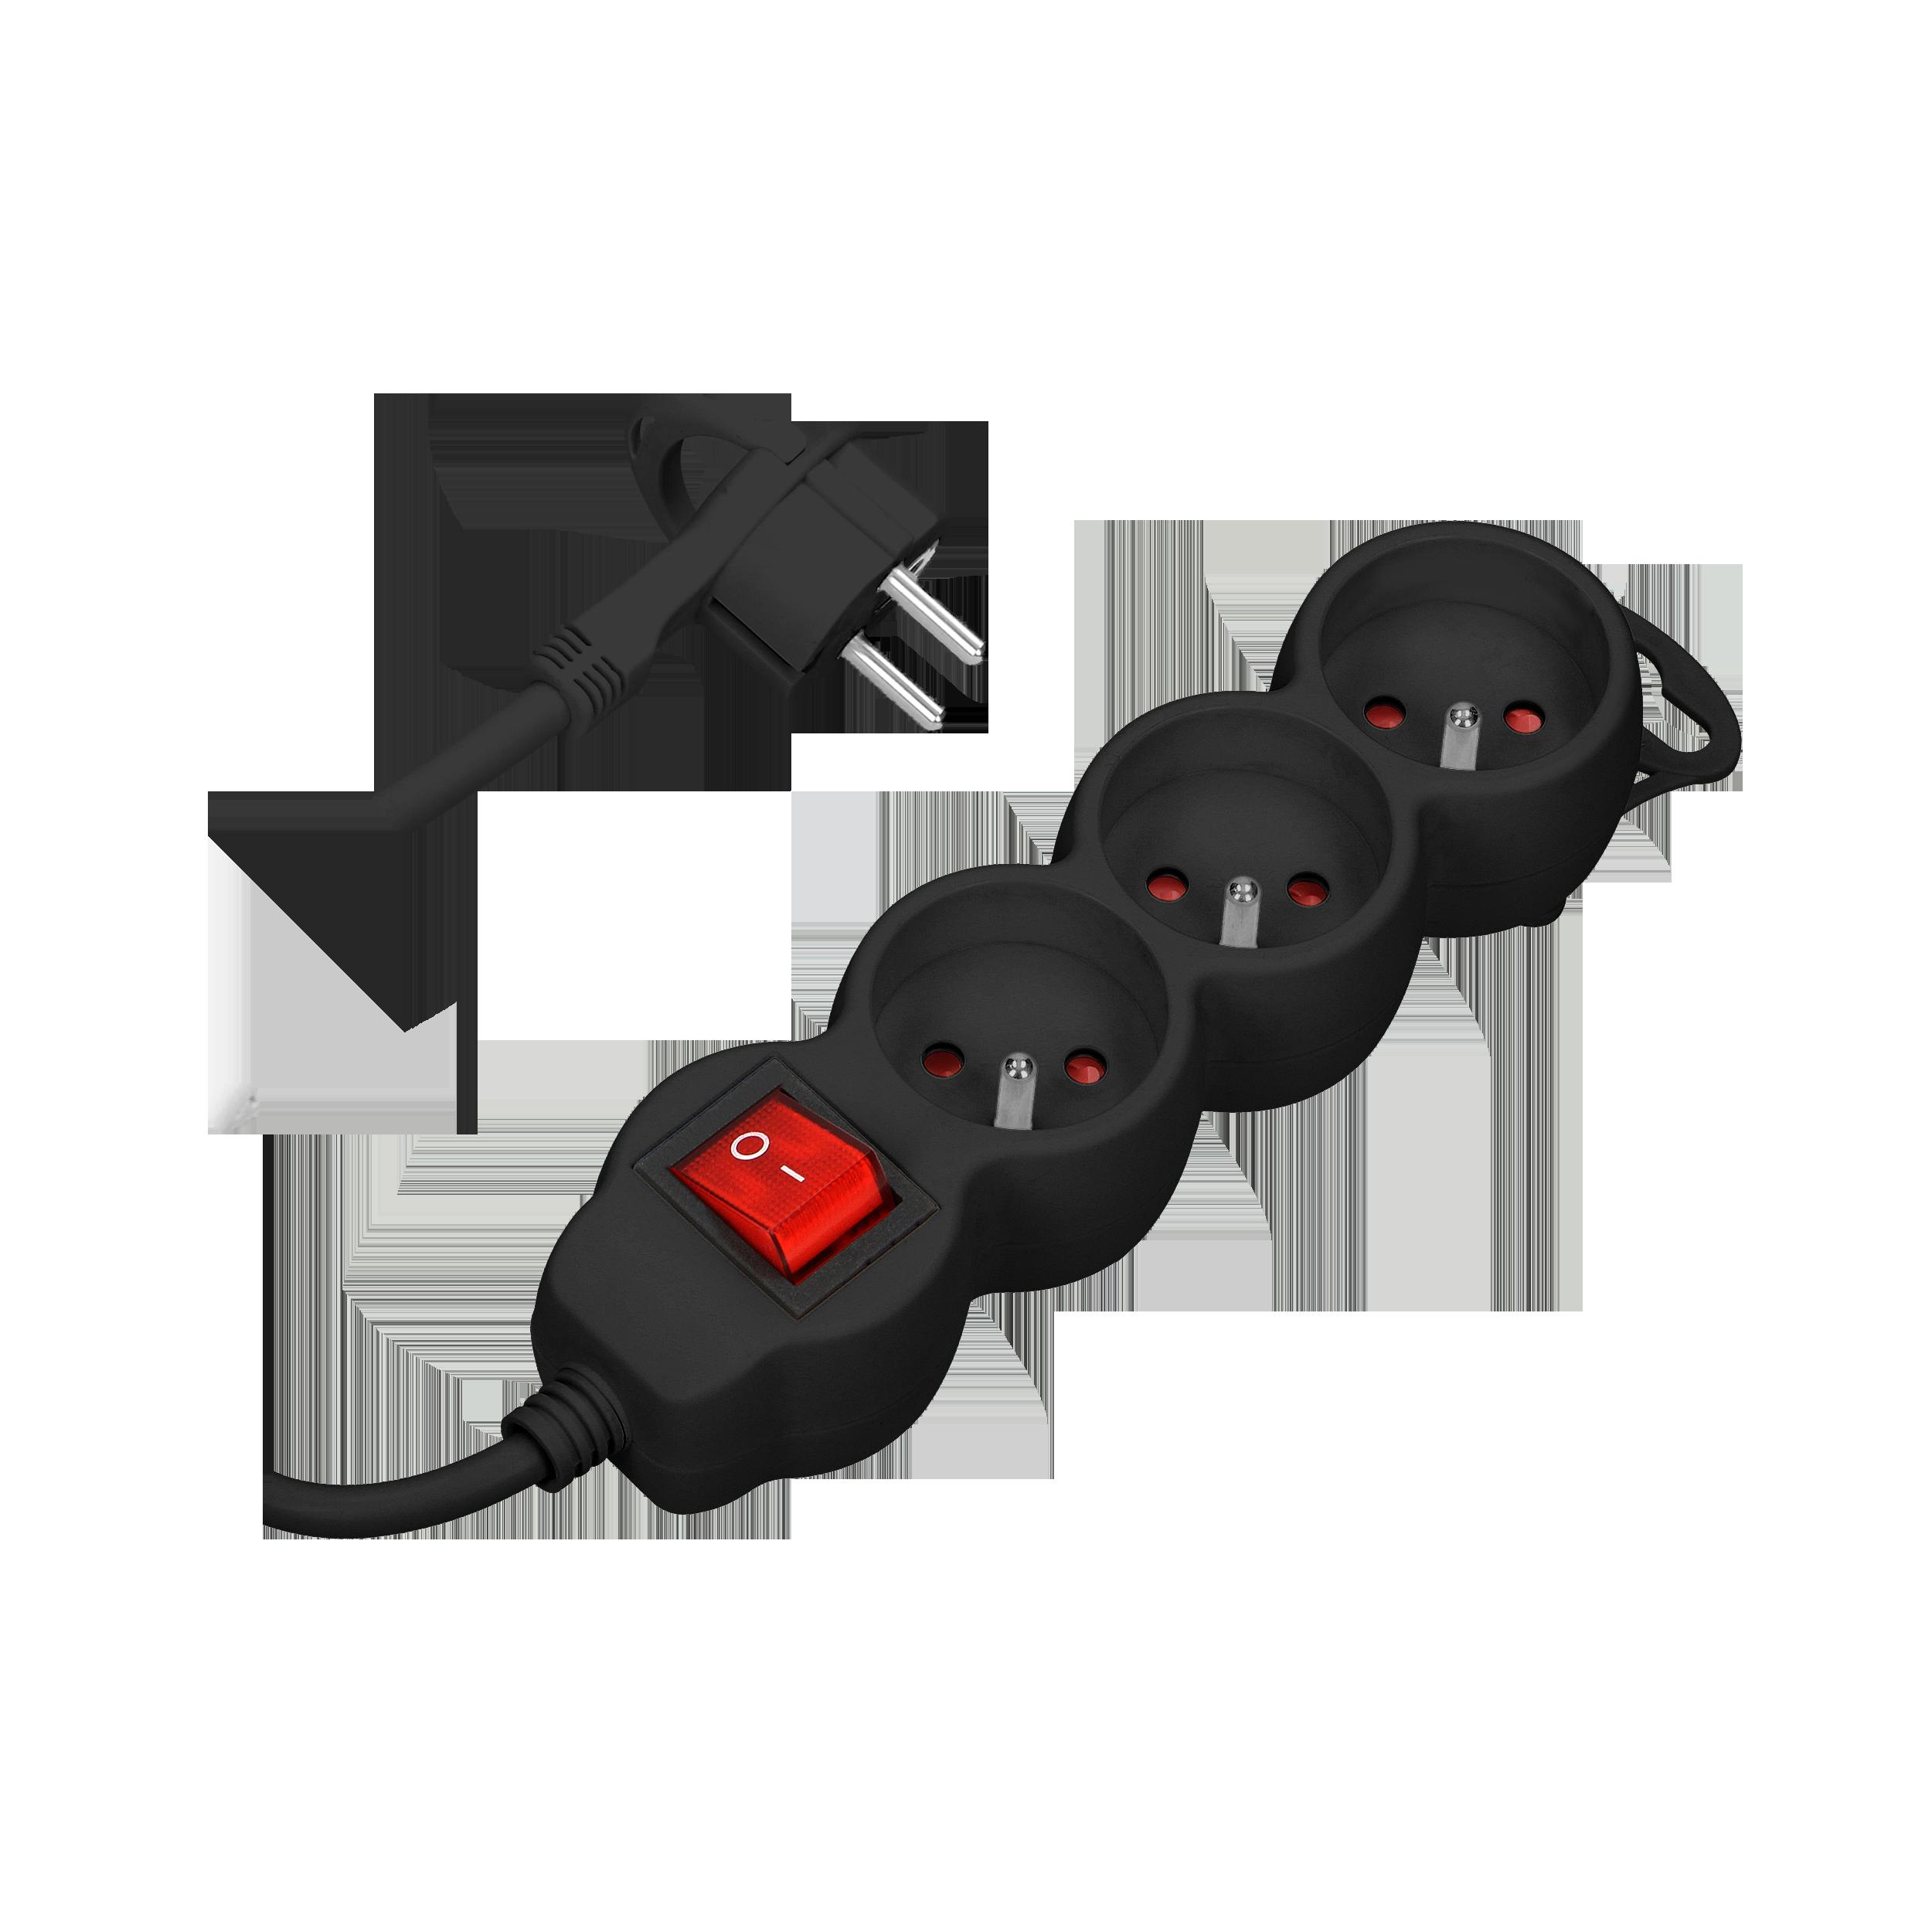 Przedłużacz 3-krotny 2P+Z z wyłącznikiem, 1,5m H05VV-F 3x1,0mm², Imax=10A, płaska wtyczka, czarny